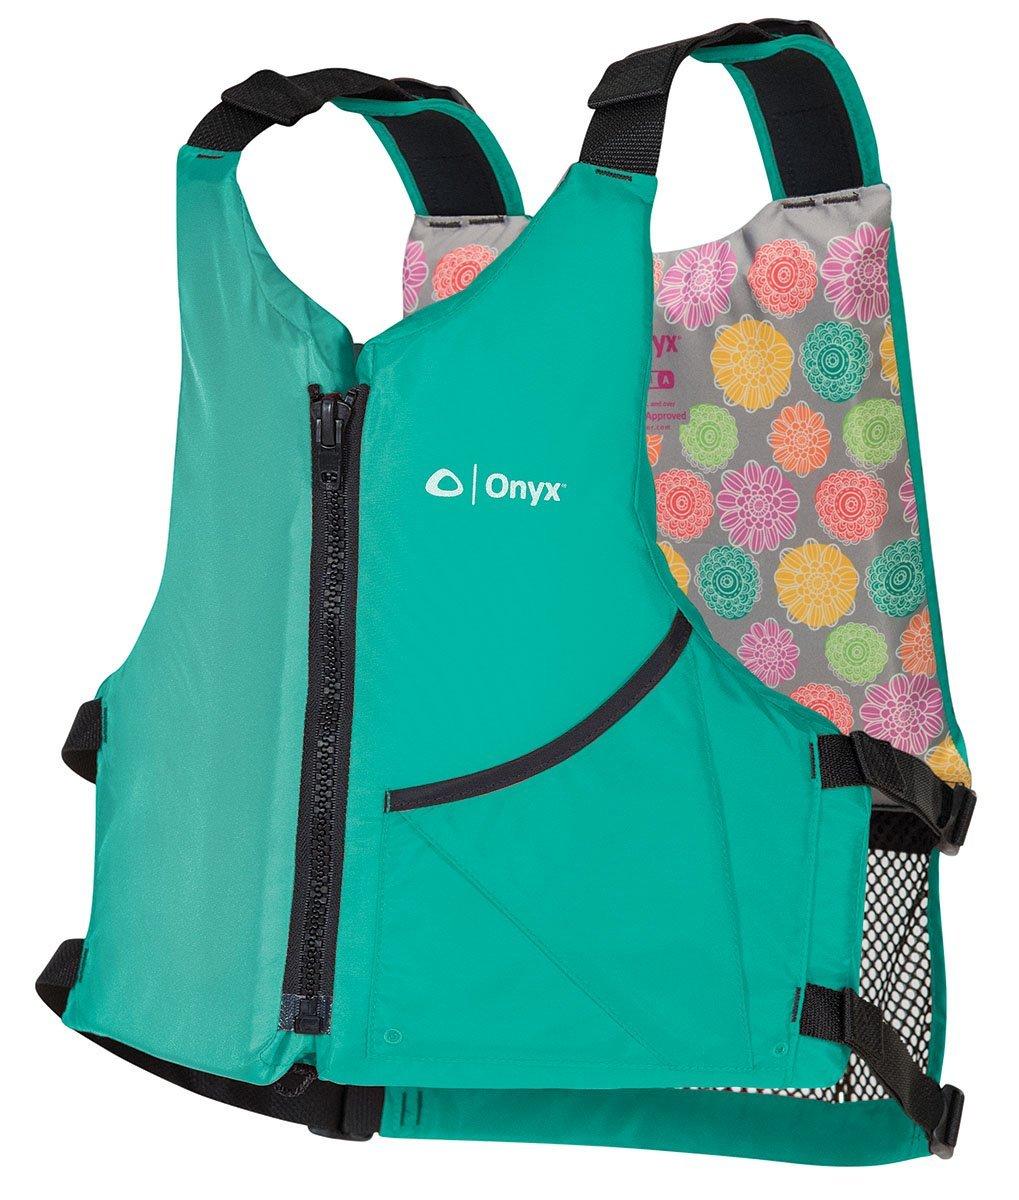 Onyx Unversal Paddle Kayak Life Vest, Aqua, Oversize by Onyx